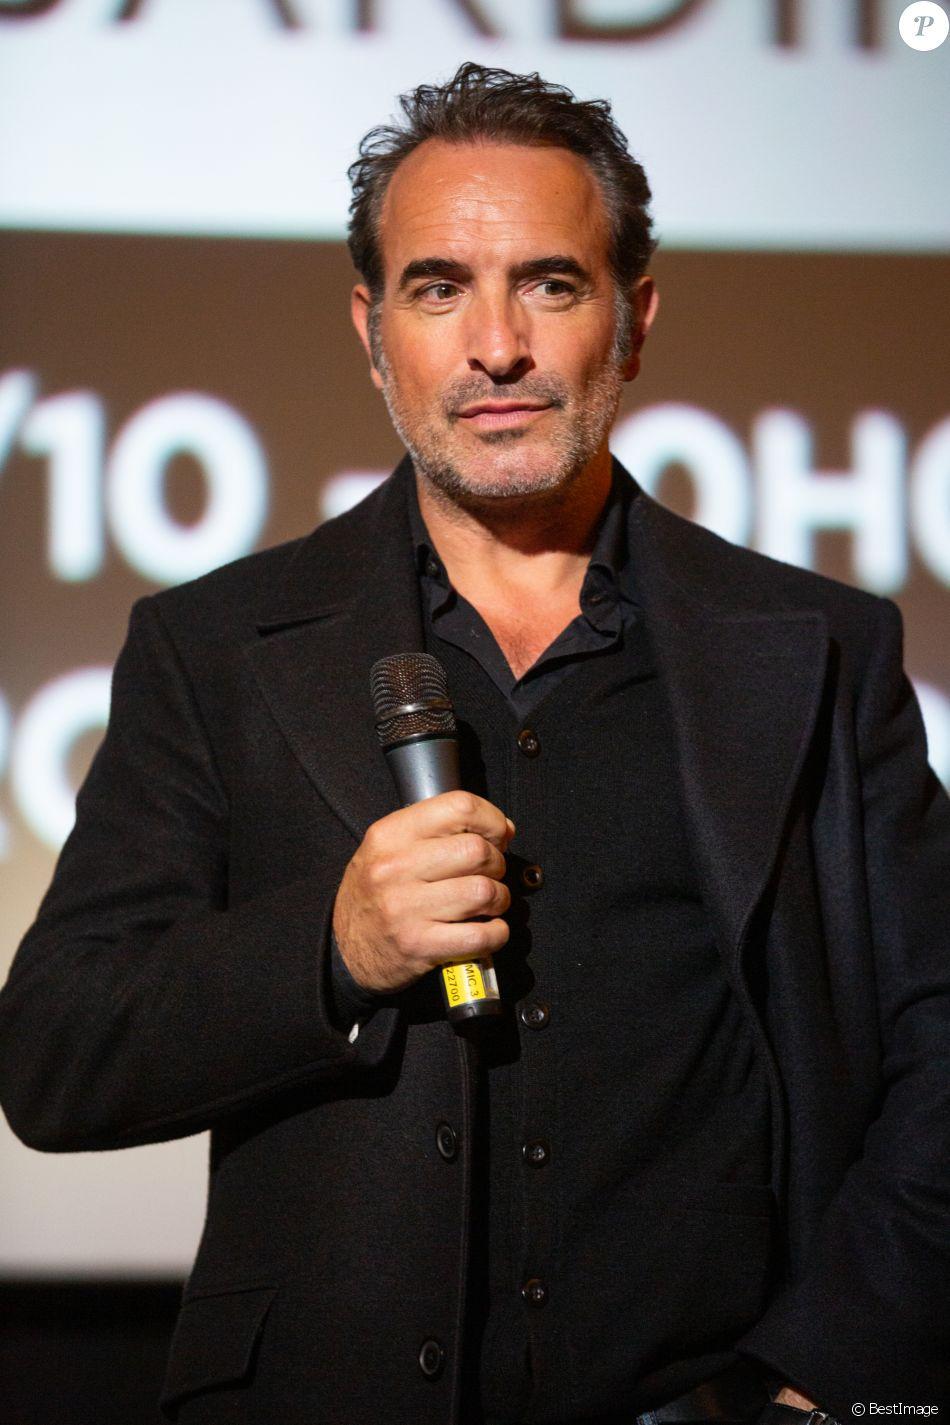 Jean Dujardin lors de l'avant-première du film 'J'accuse' au cinéma UGC de Brouckère, à Bruxelles